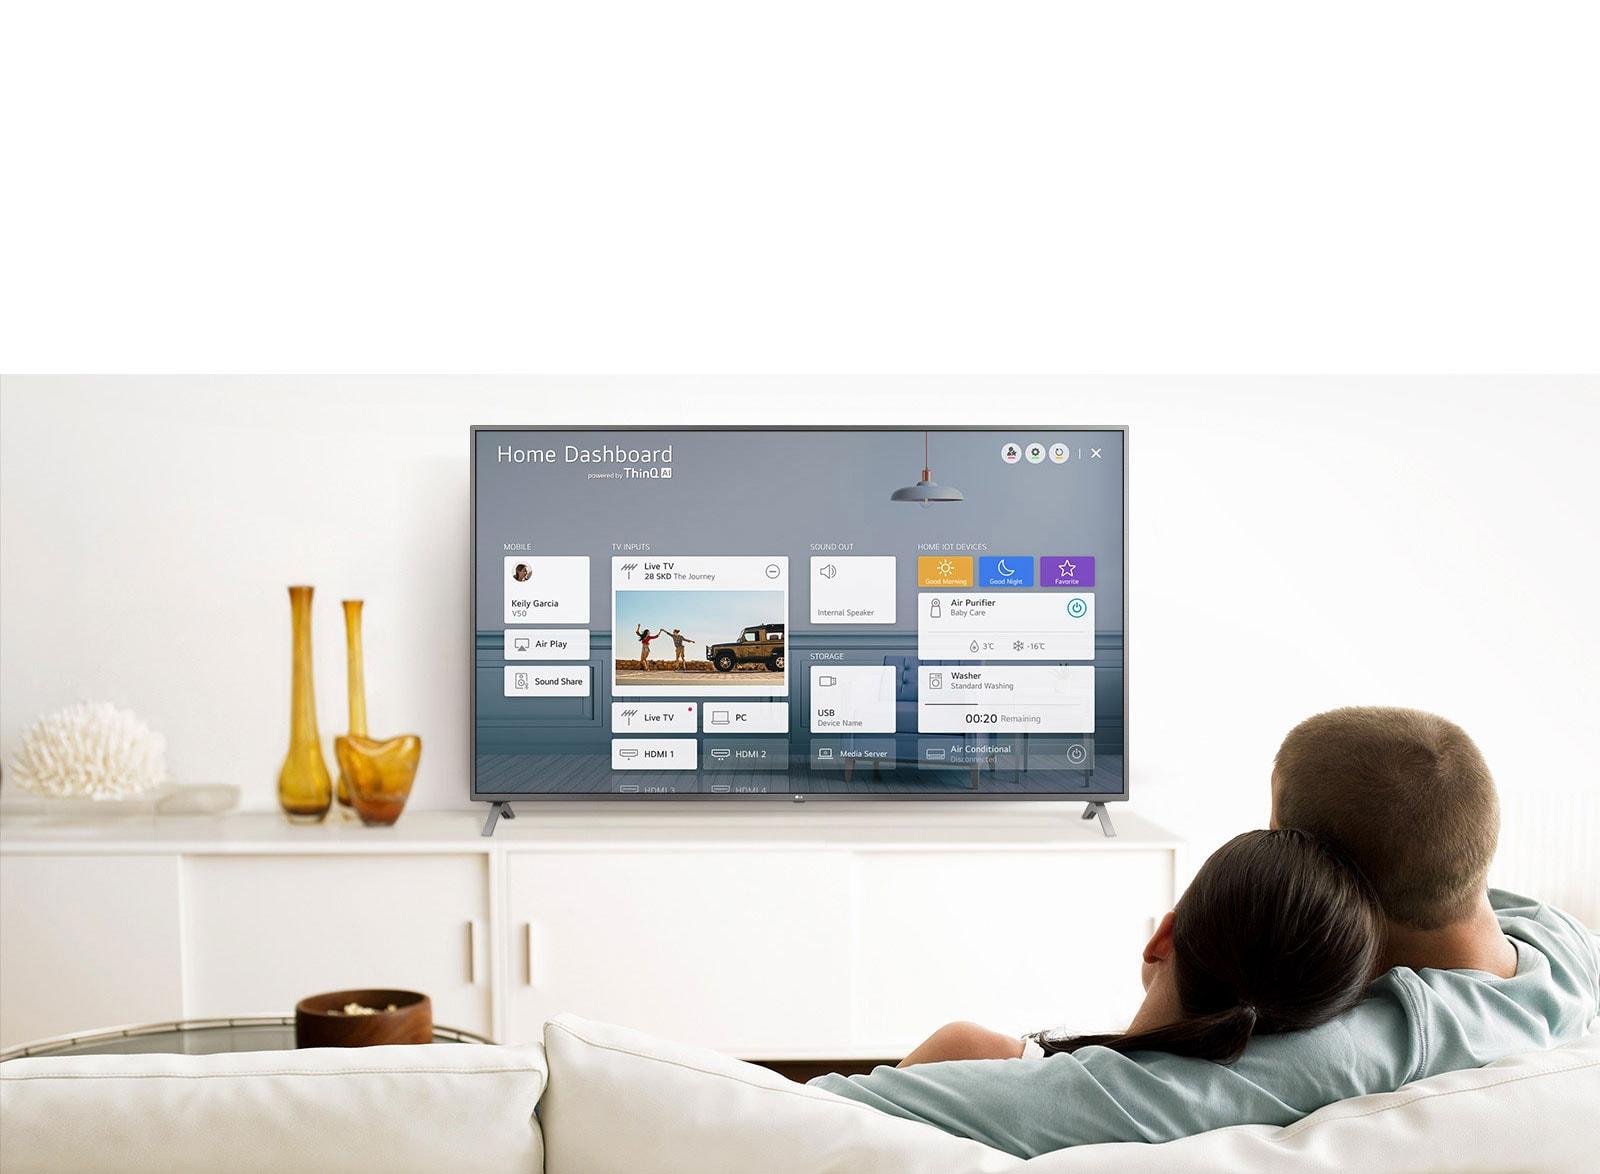 رجل وامرأة يجلسان على أريكة في غرفة المعيشة مع ظهور اللوحة الرئيسية على شاشة التلفزيون.